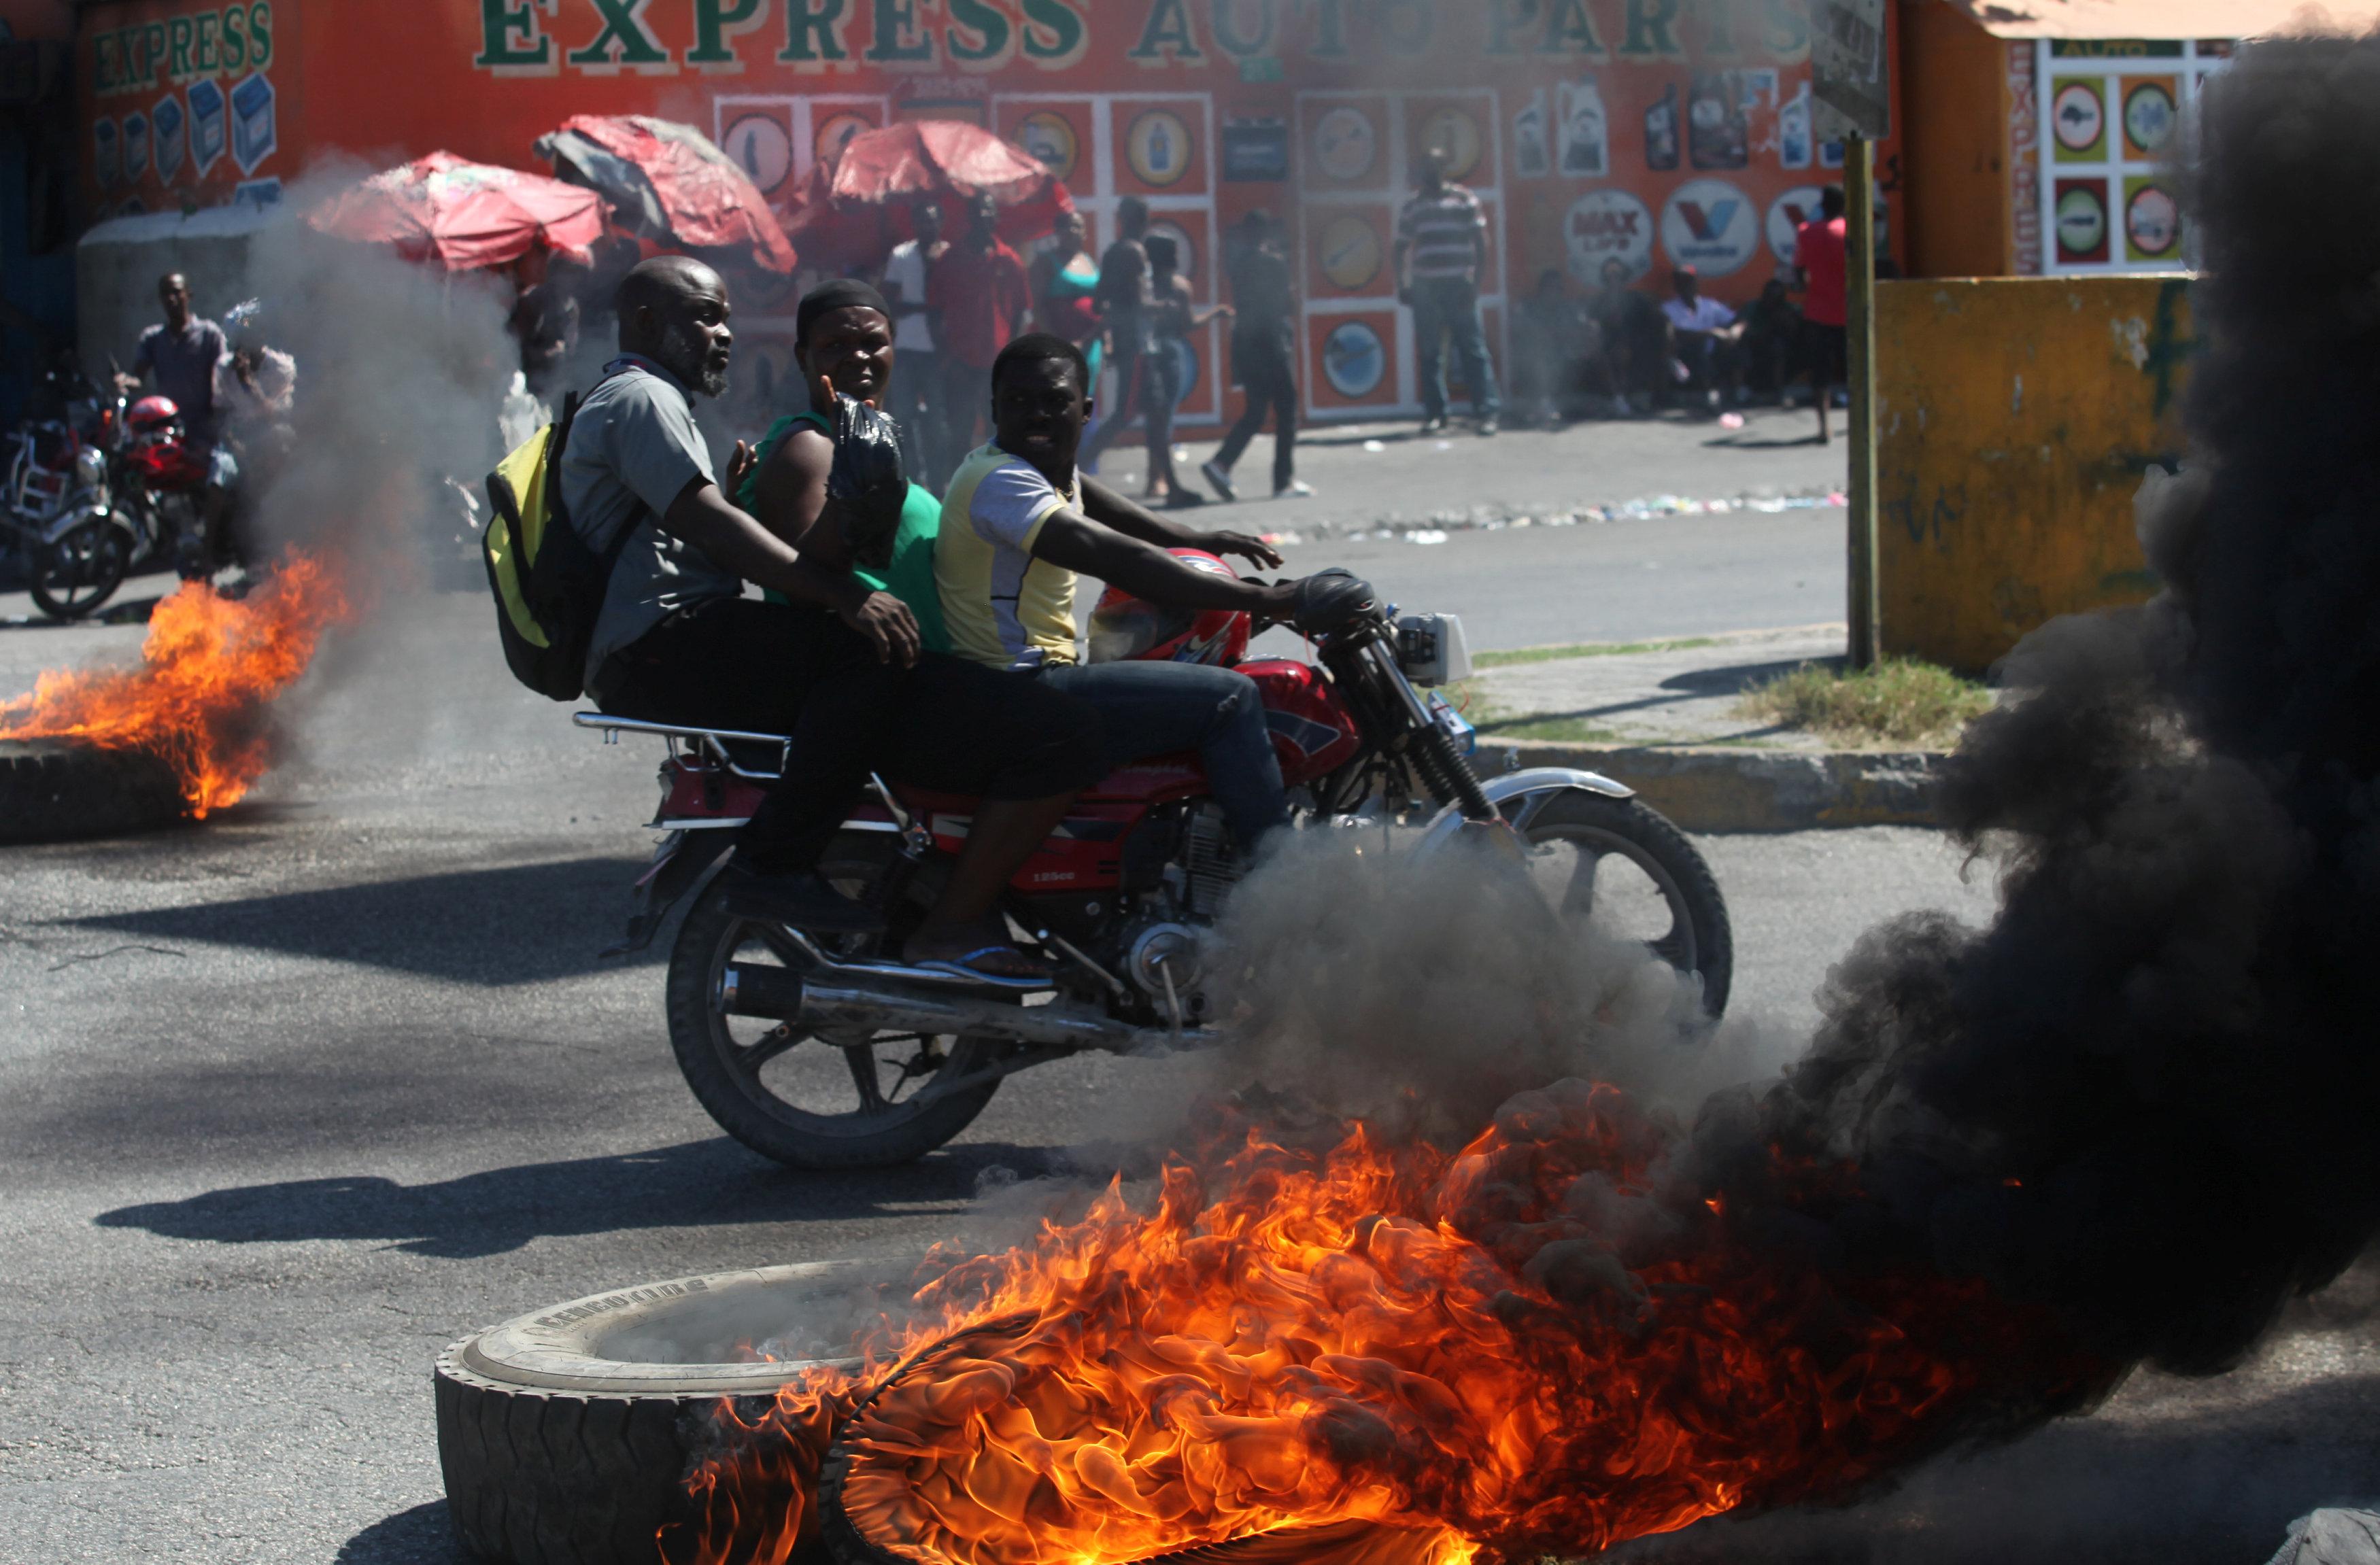 الاحتجاجات العنيفة ضد السلطة فى هايتى  (6)